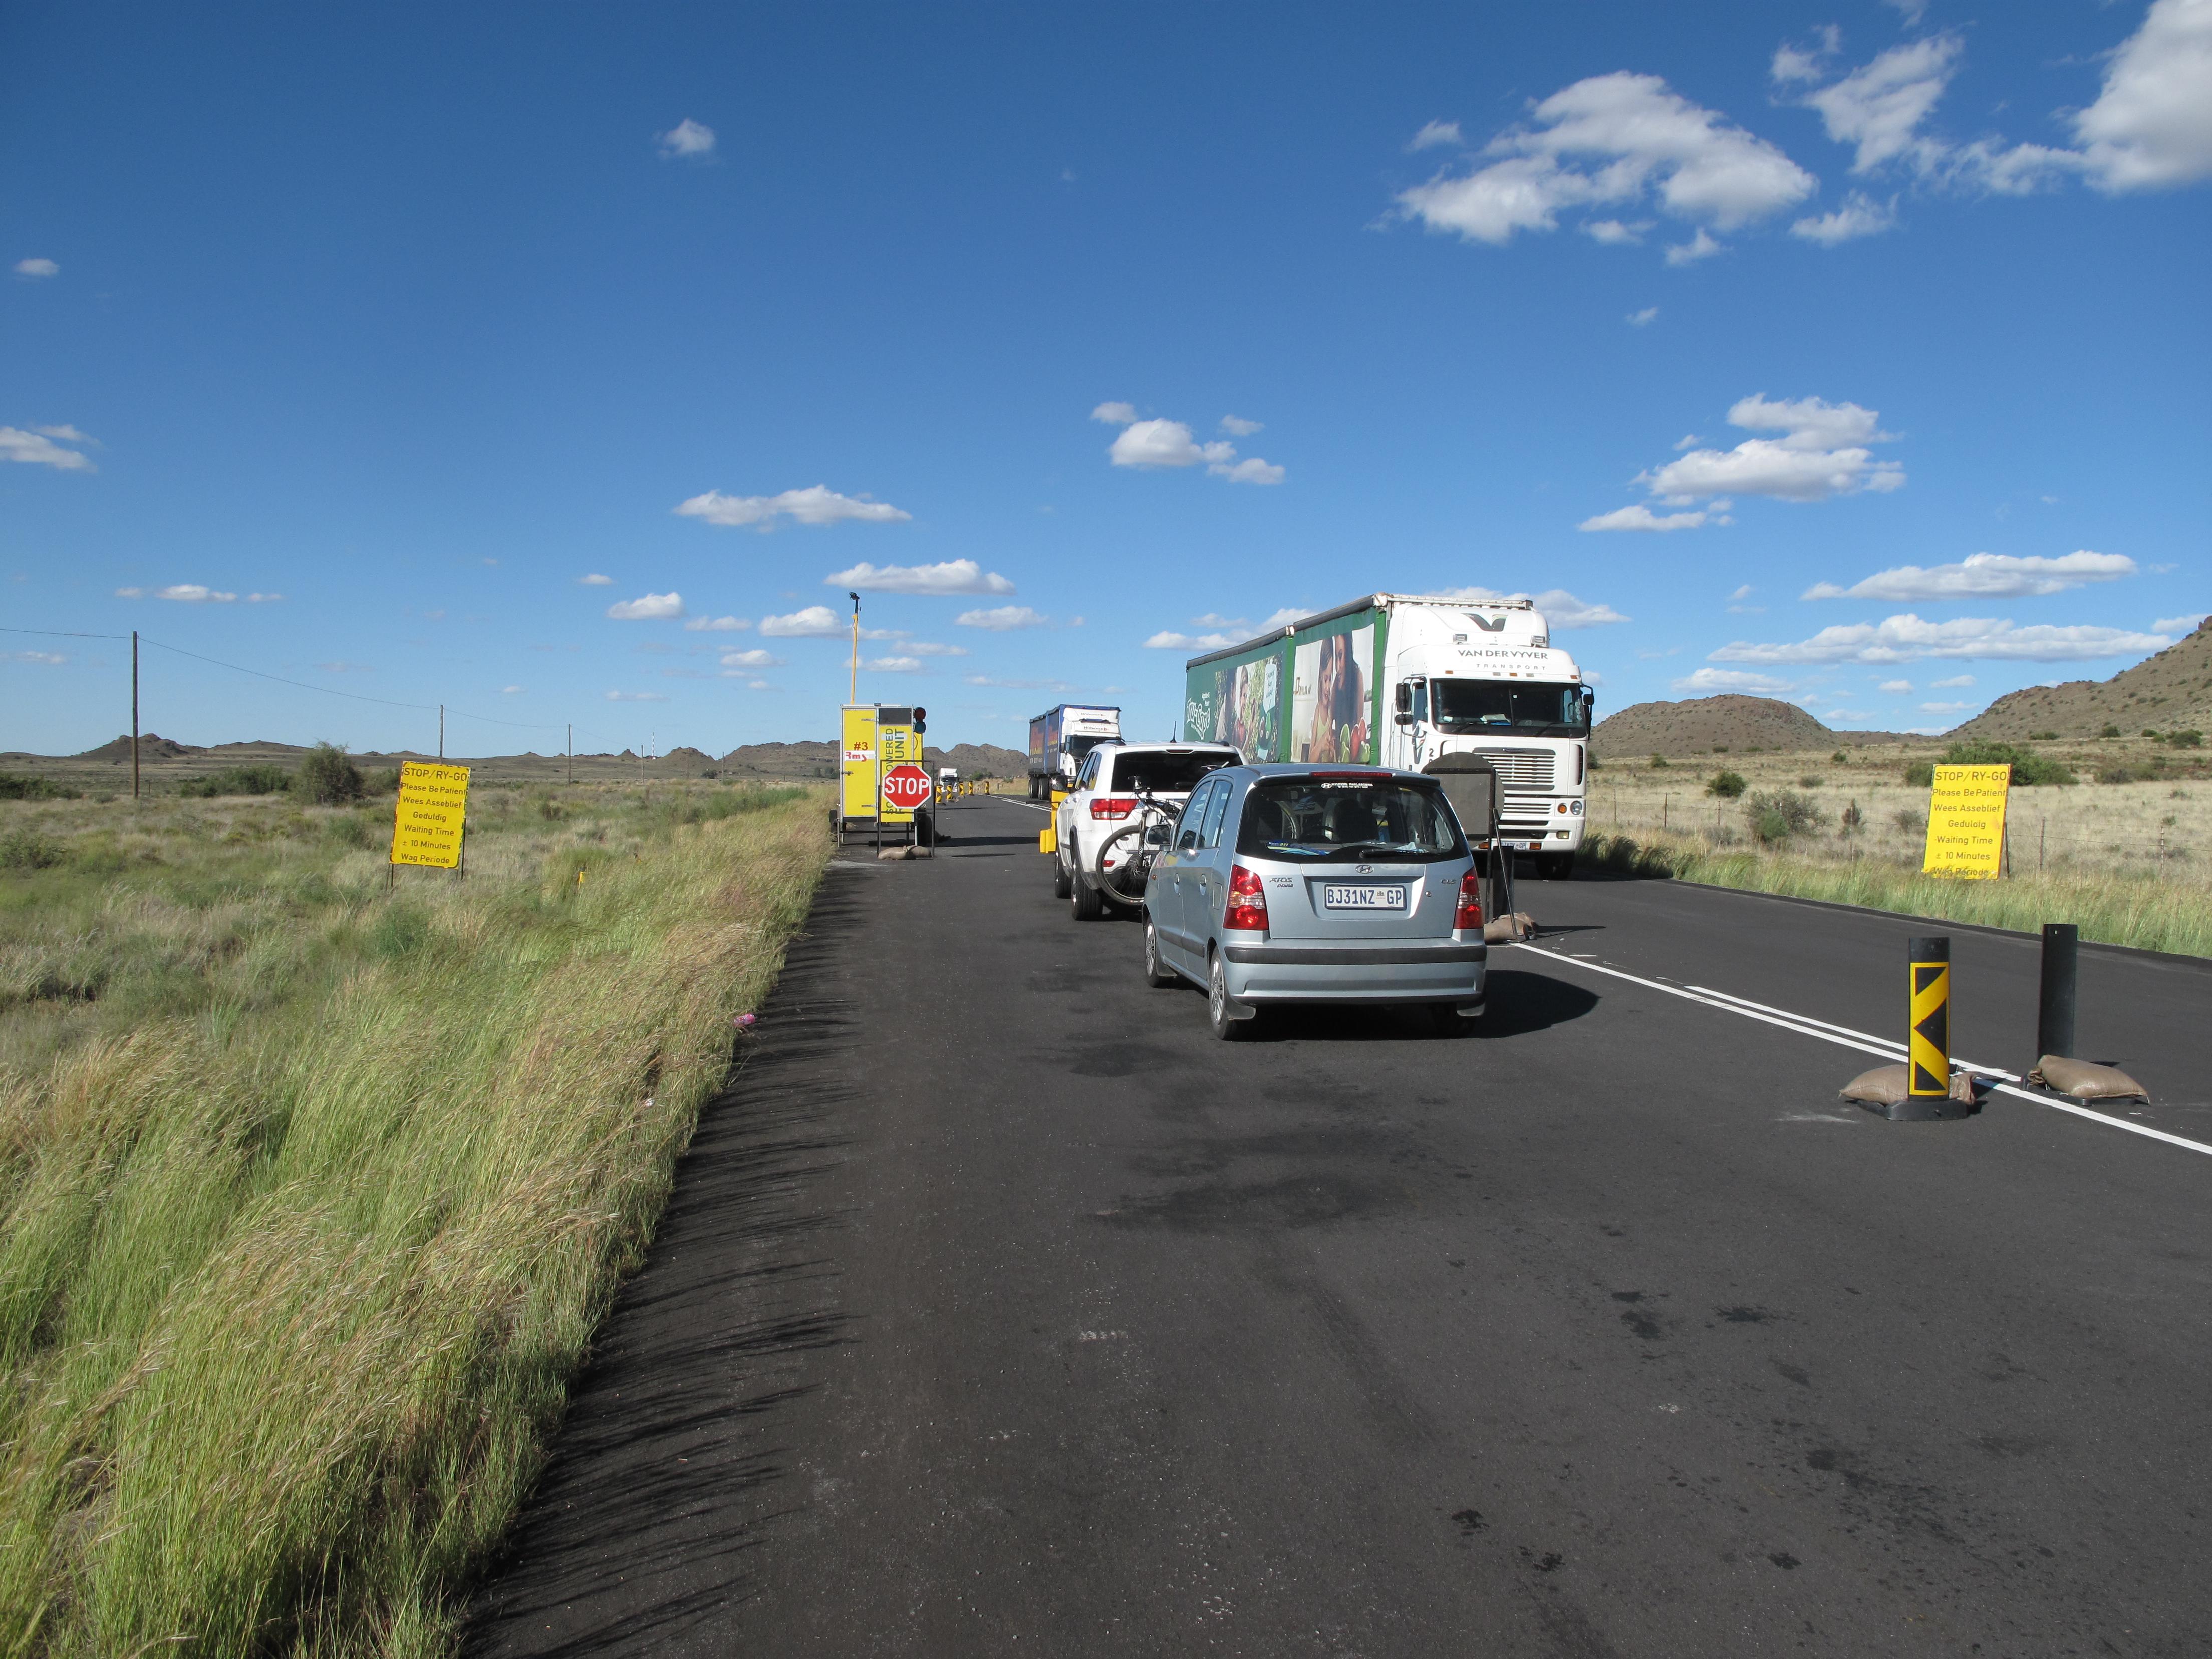 On the road through the Karoo. Photo: Chesney Bradshaw